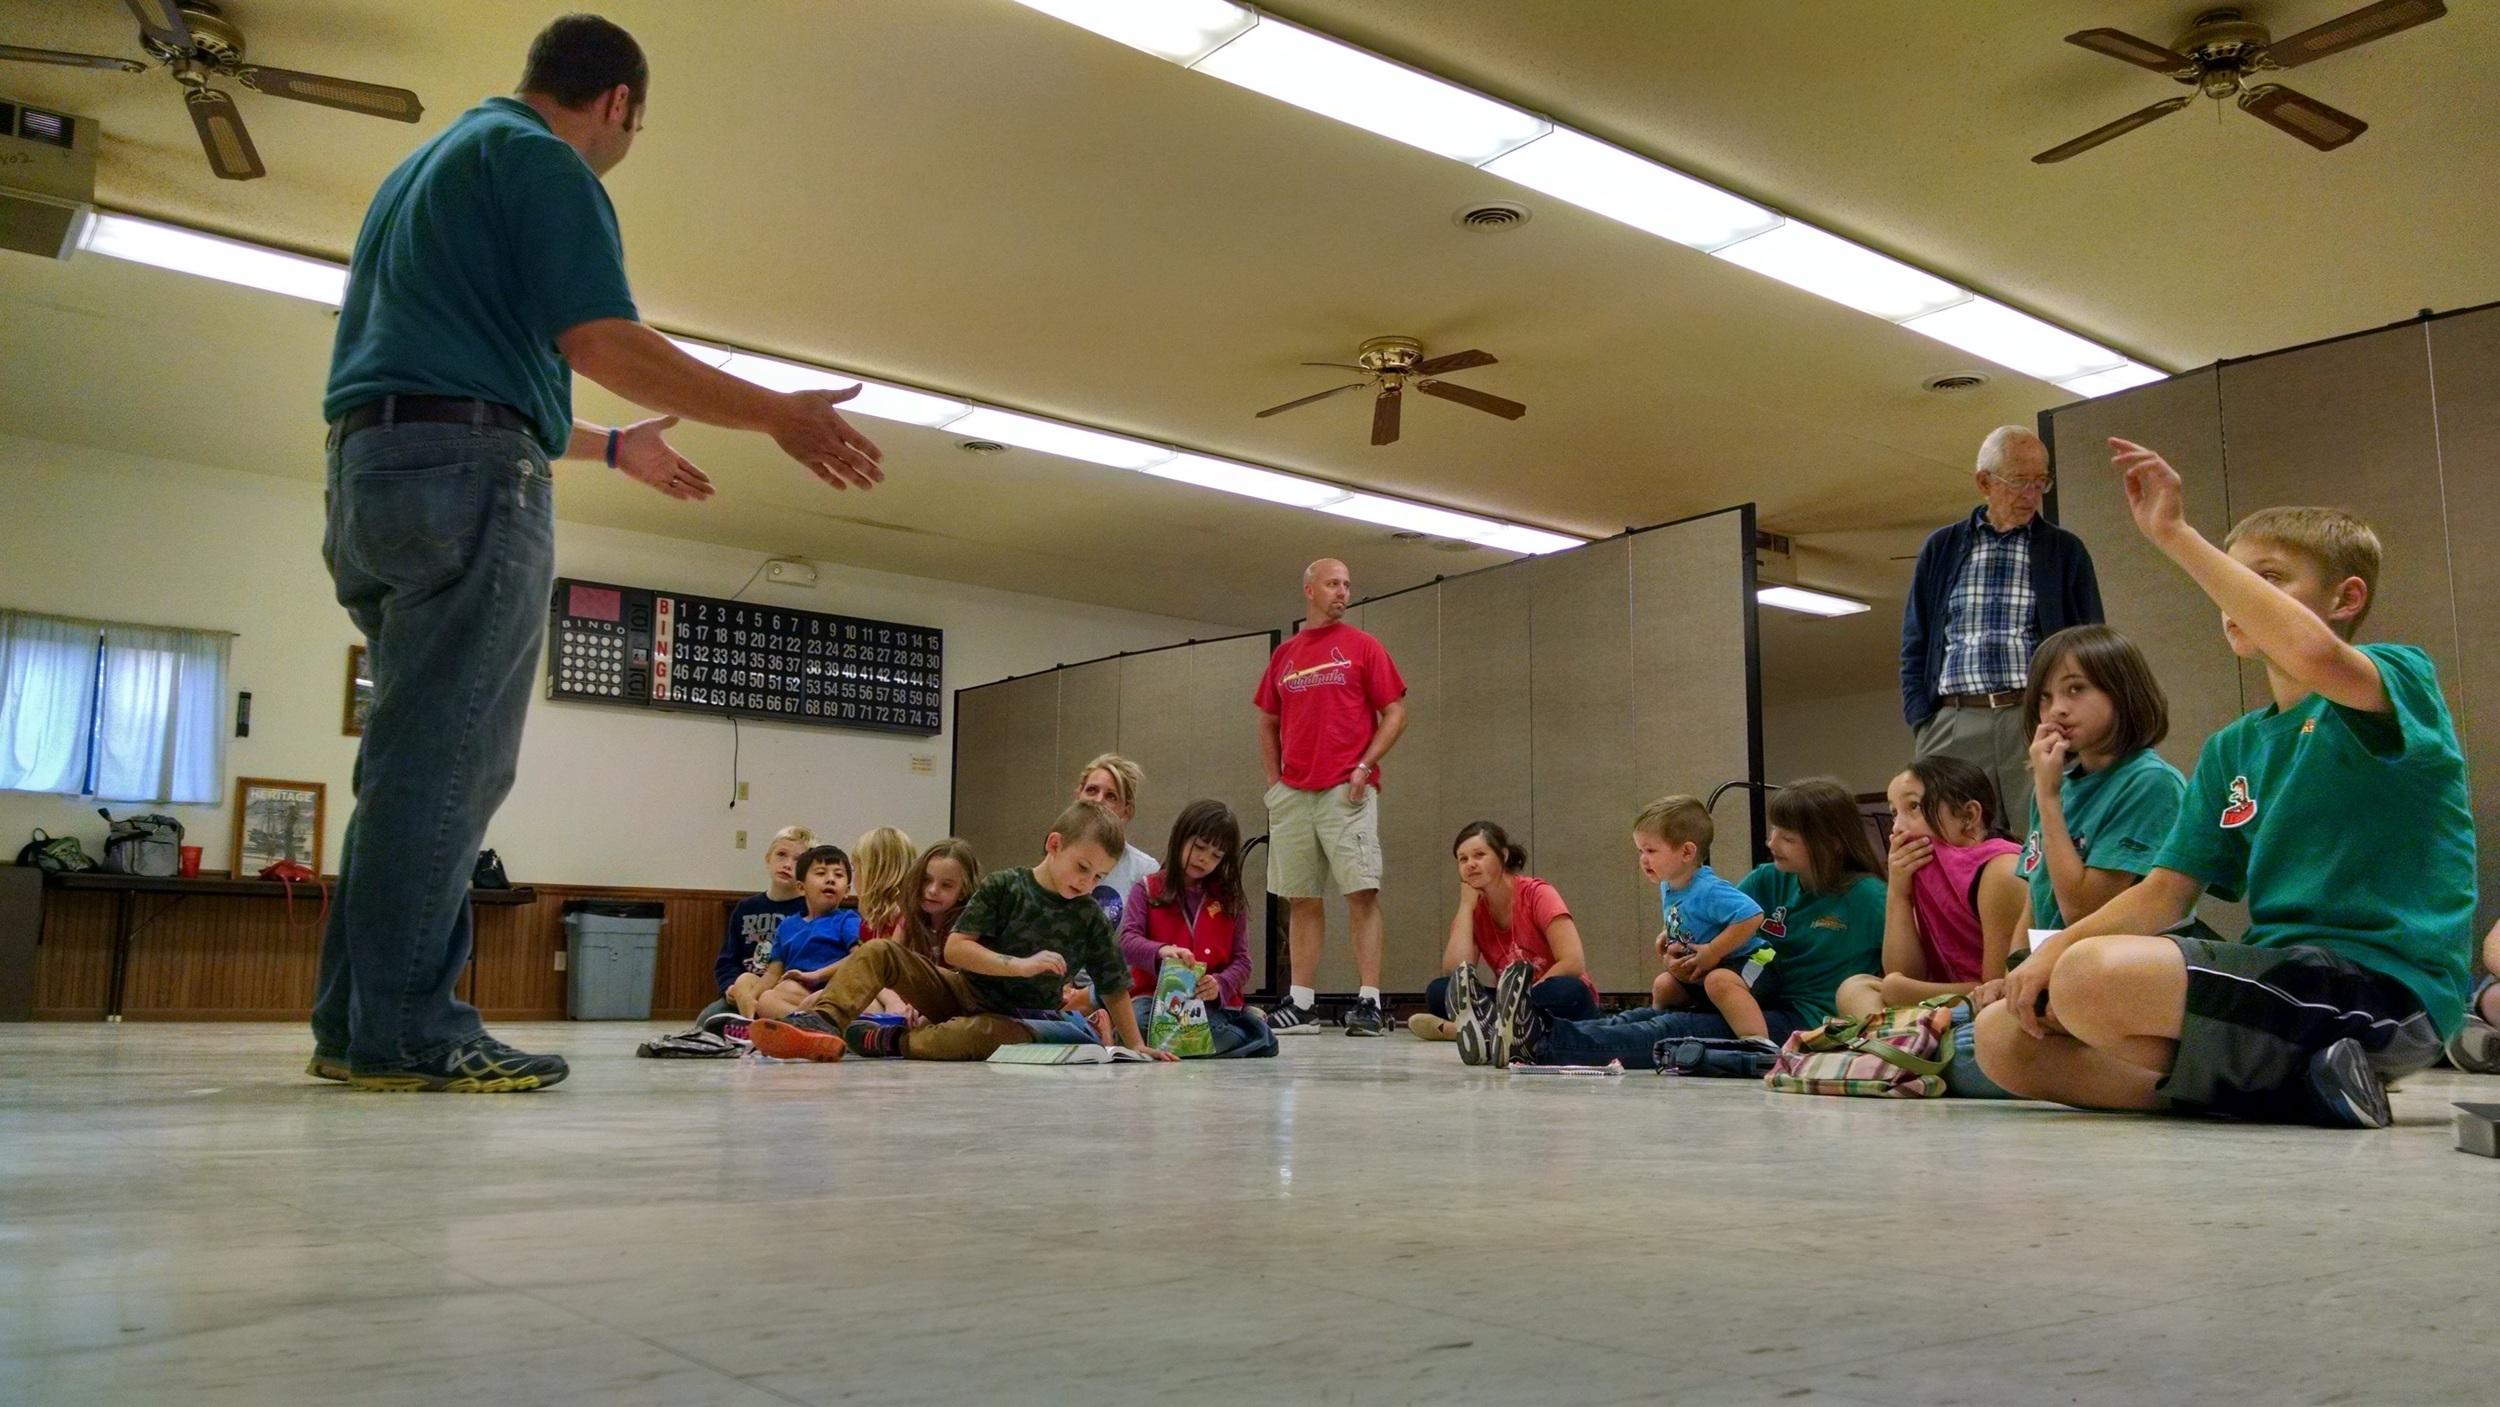 Pastor Jason teaching during Big Group Time.